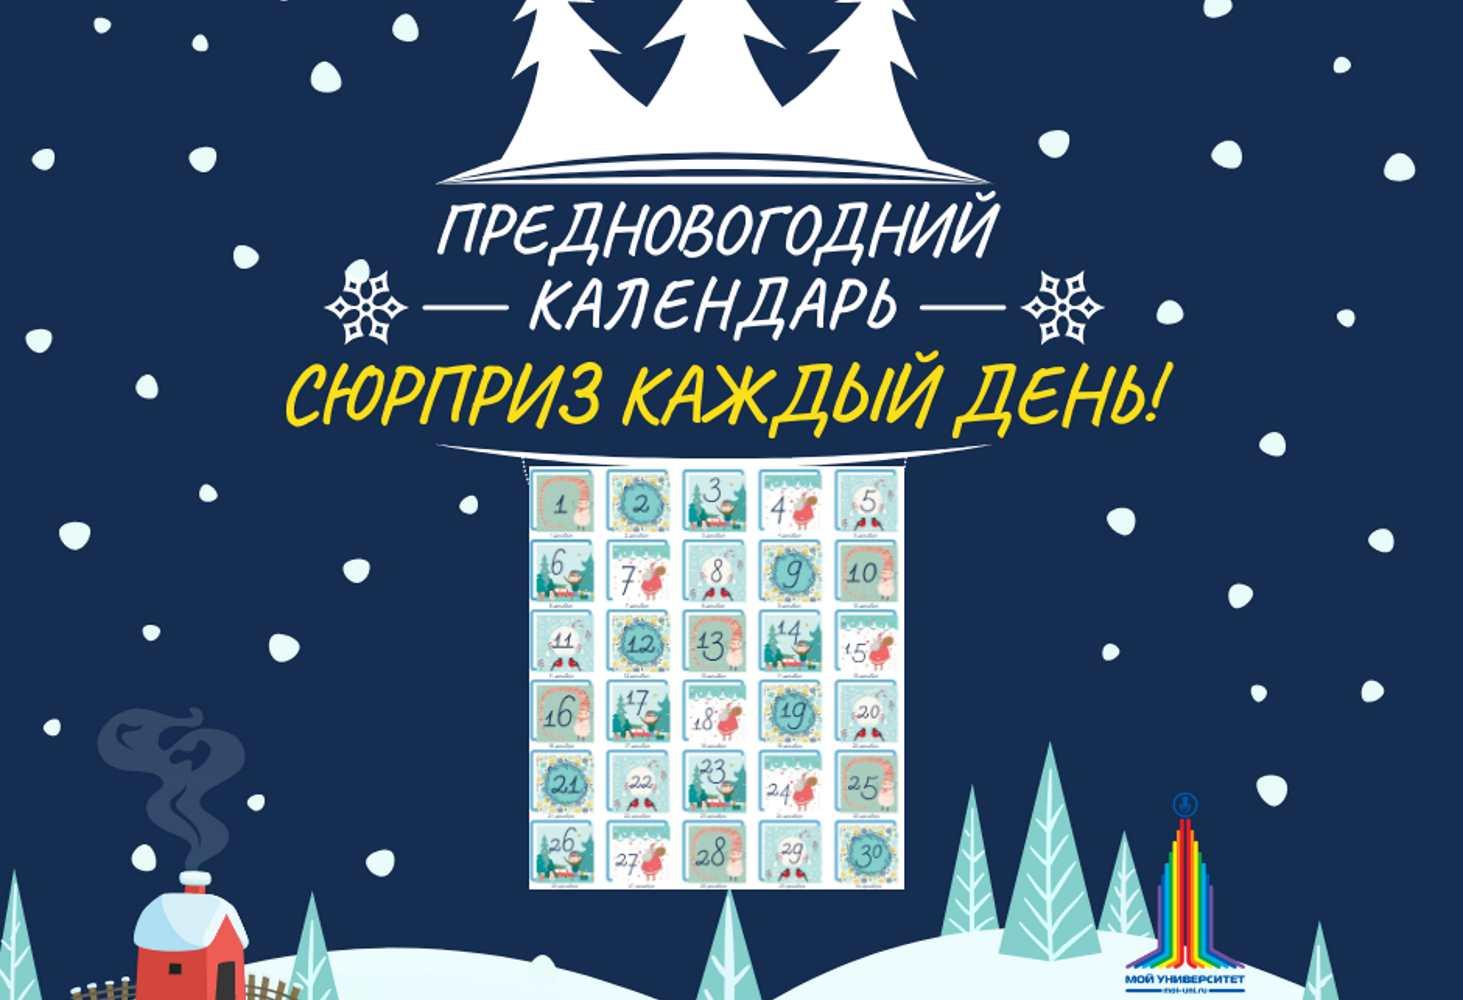 prednovogodnij-kalendar-dlya-pedagogov-kazhdyj-den-otlichnye-predlozheniya-ot-moego-universiteta